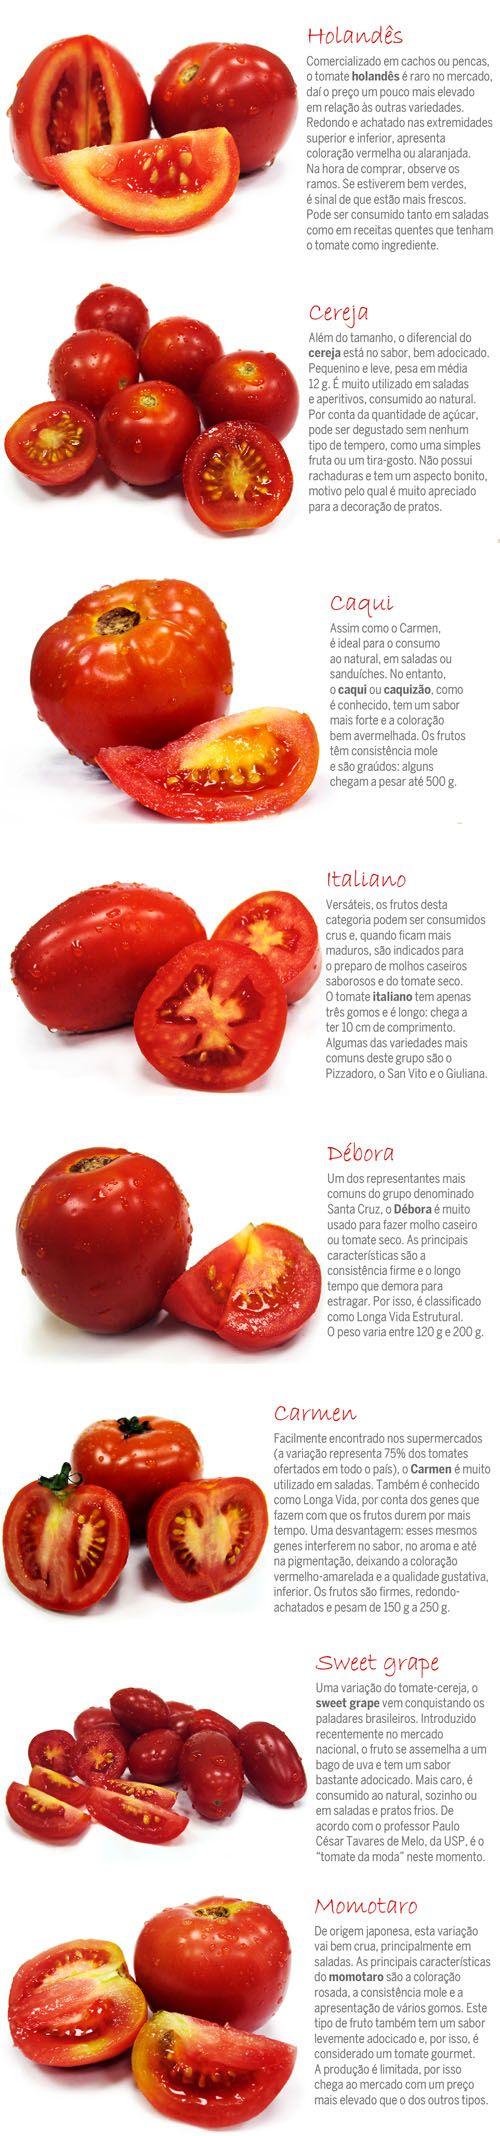 Tomates comuns no Brasil